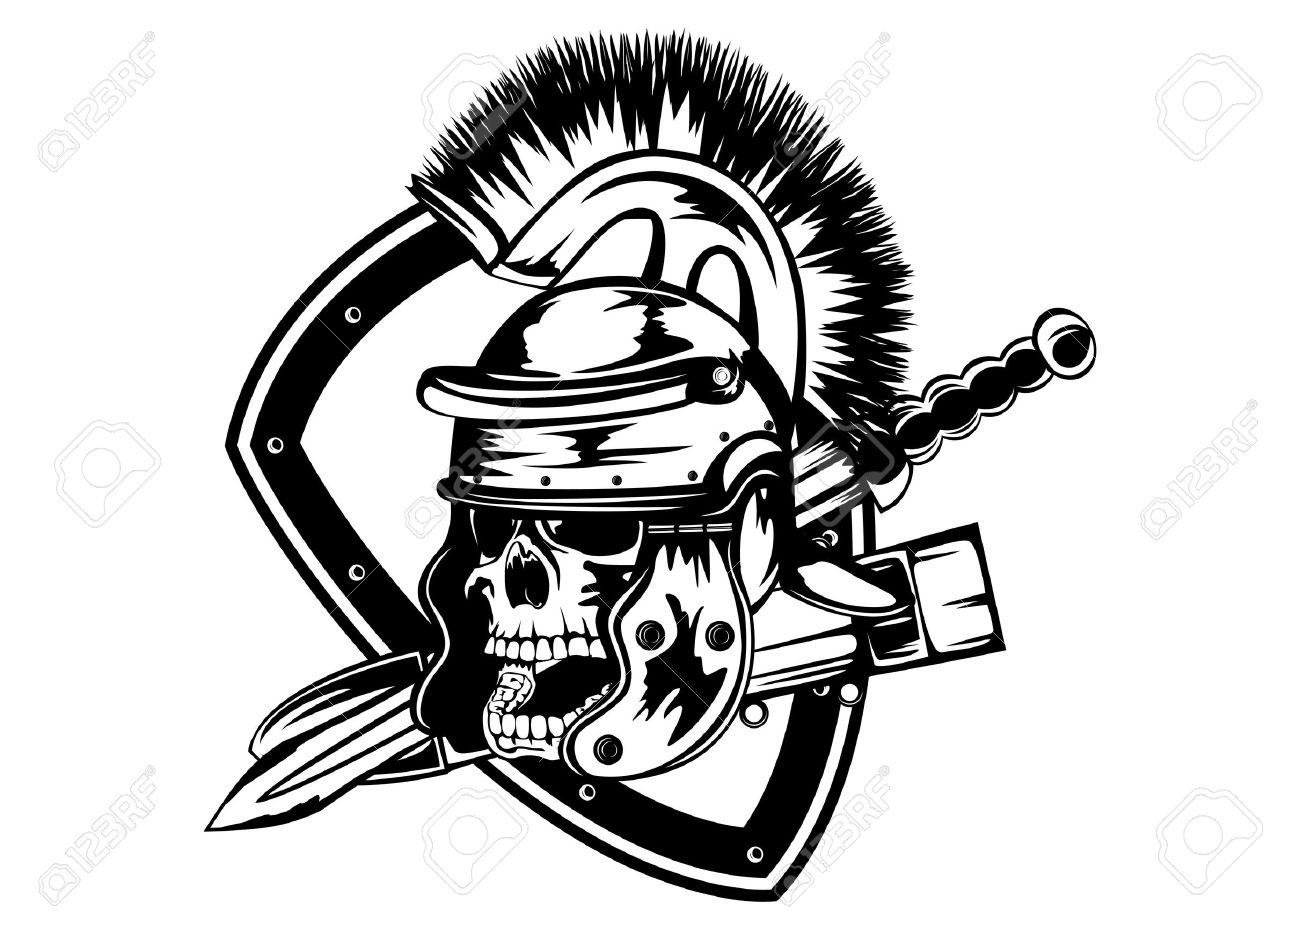 1300x929 Illustration Skull In Legionary Helmet And Sword Royalty Free